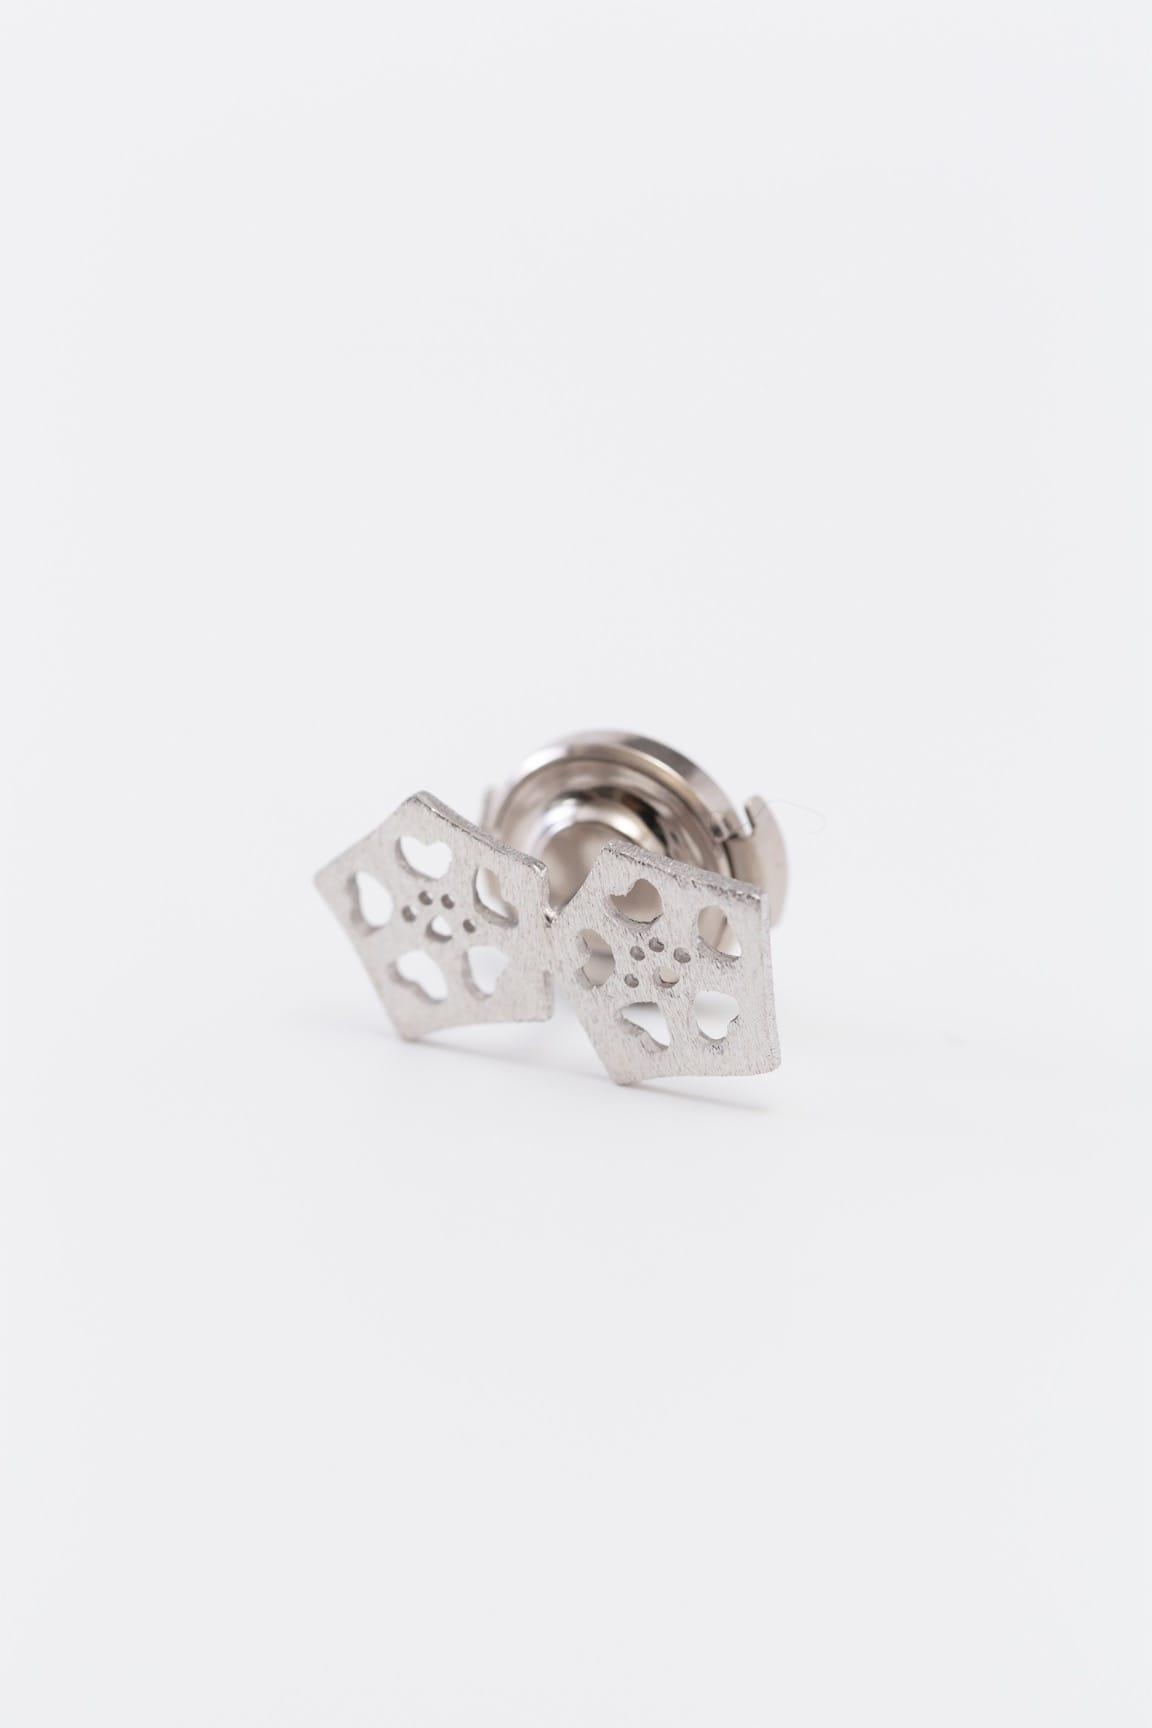 オクラ2個ピンブローチ(銀)